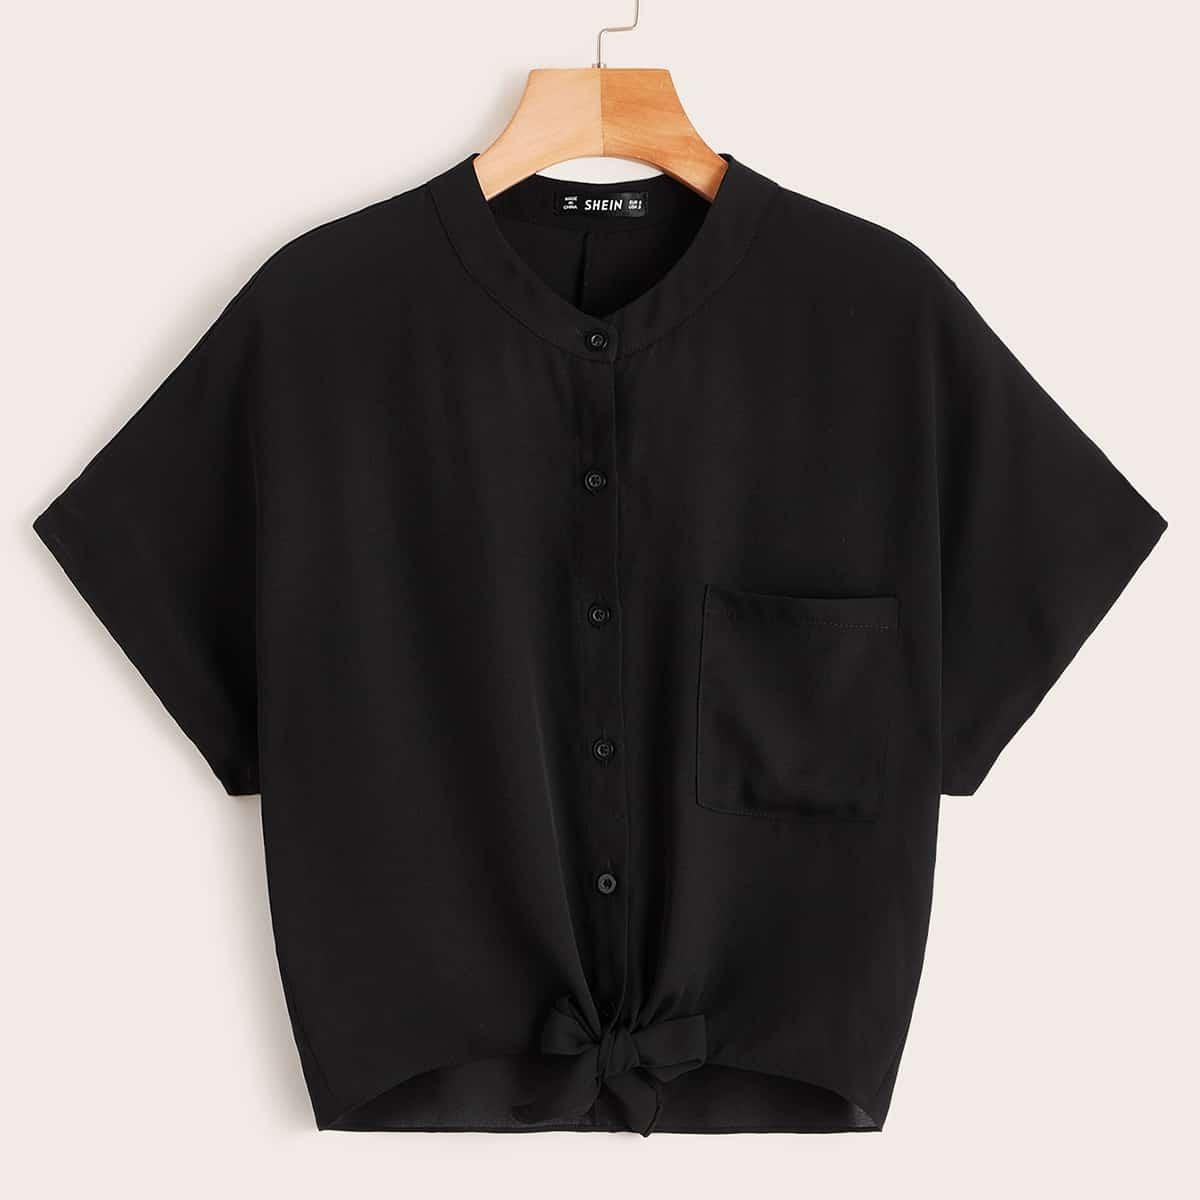 Однотонная рубашка с завязкой и карманом